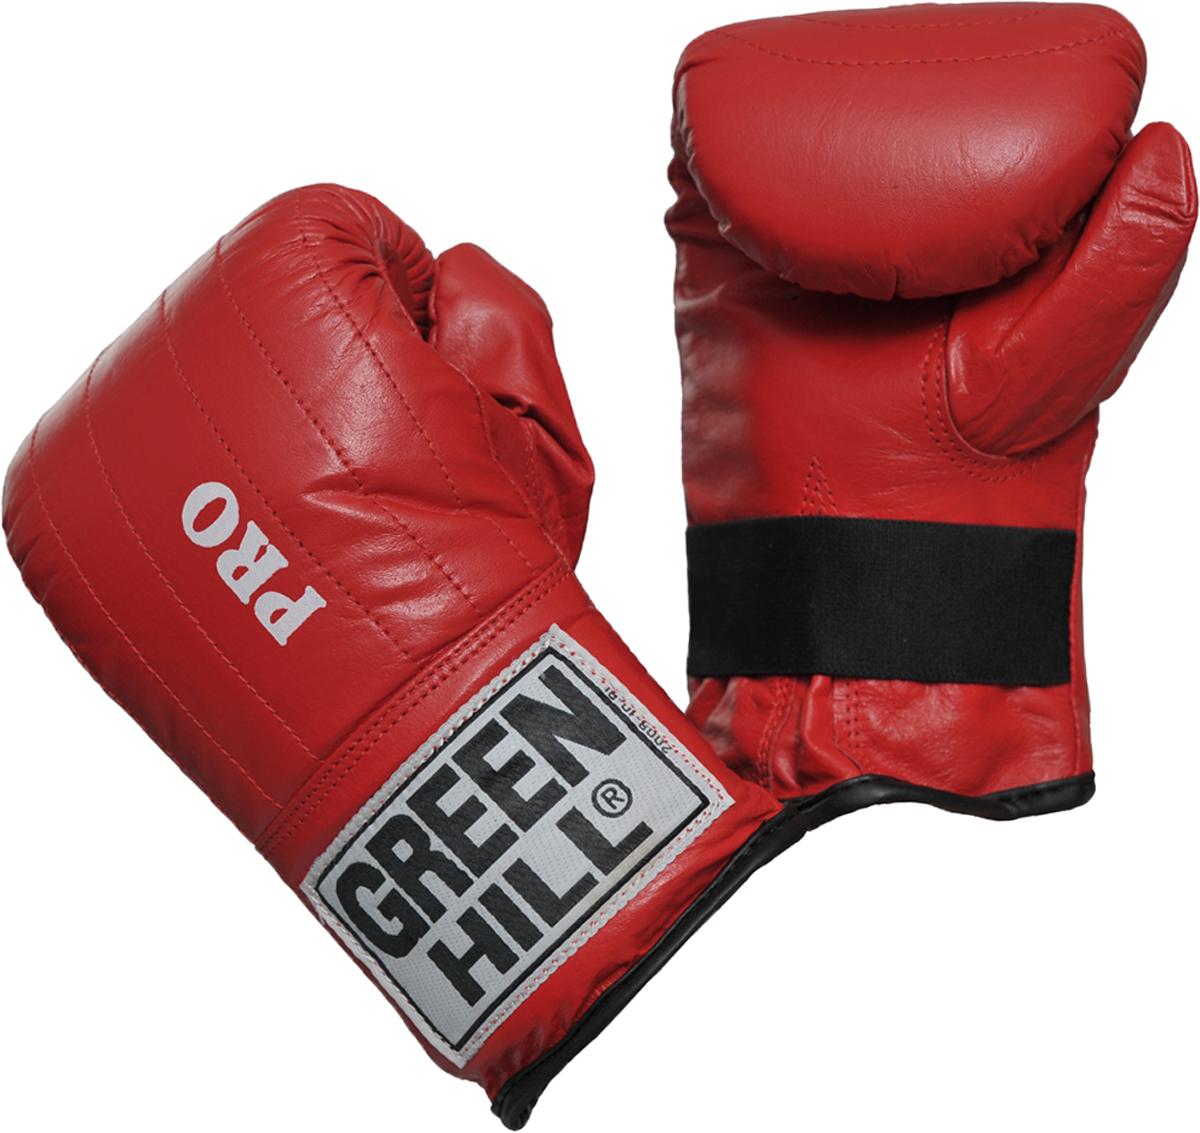 """Перчатки снарядные Green Hill Pro, цвет: красный. PMP-2064. Размер MPMP-2064Снарядные перчатки серии """"Pro"""" («блинчики»). Легкие и удобные снарядные перчатки для отработки ударов. Шингарты обеспечивают комфортное использование в любых направлениях : отработка ударов в зале, дома, или фитнес-центре, легкие спарринги. Выполнены из натуральной кожи, манжет на резинке.Размеры:Замерьте обхват ладони сантиметровой лентой в наиболее широком месте, исключив при этом большой палец рукиРазмер: S M L XLОбхват ладони, см. 17-18 18-19 19-22 23-27"""